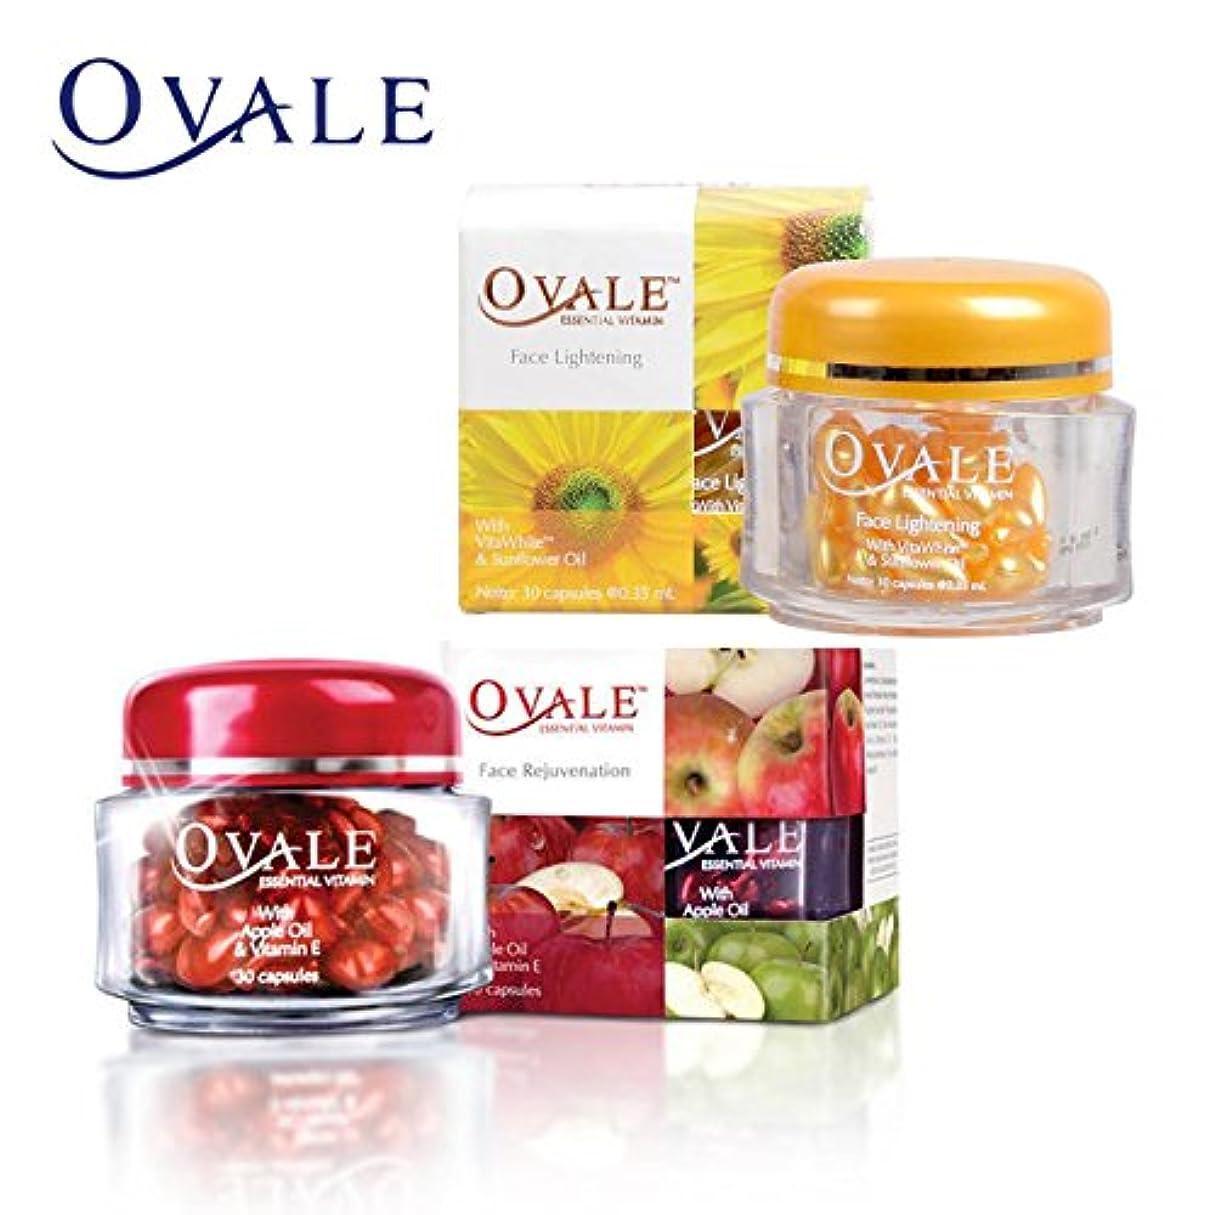 暴力エゴイズム良性Ovale オーバル フェイシャル美容液 essential vitamin エッセンシャルビタミン 30粒入ボトル×5個 サンフラワー [海外直送品]